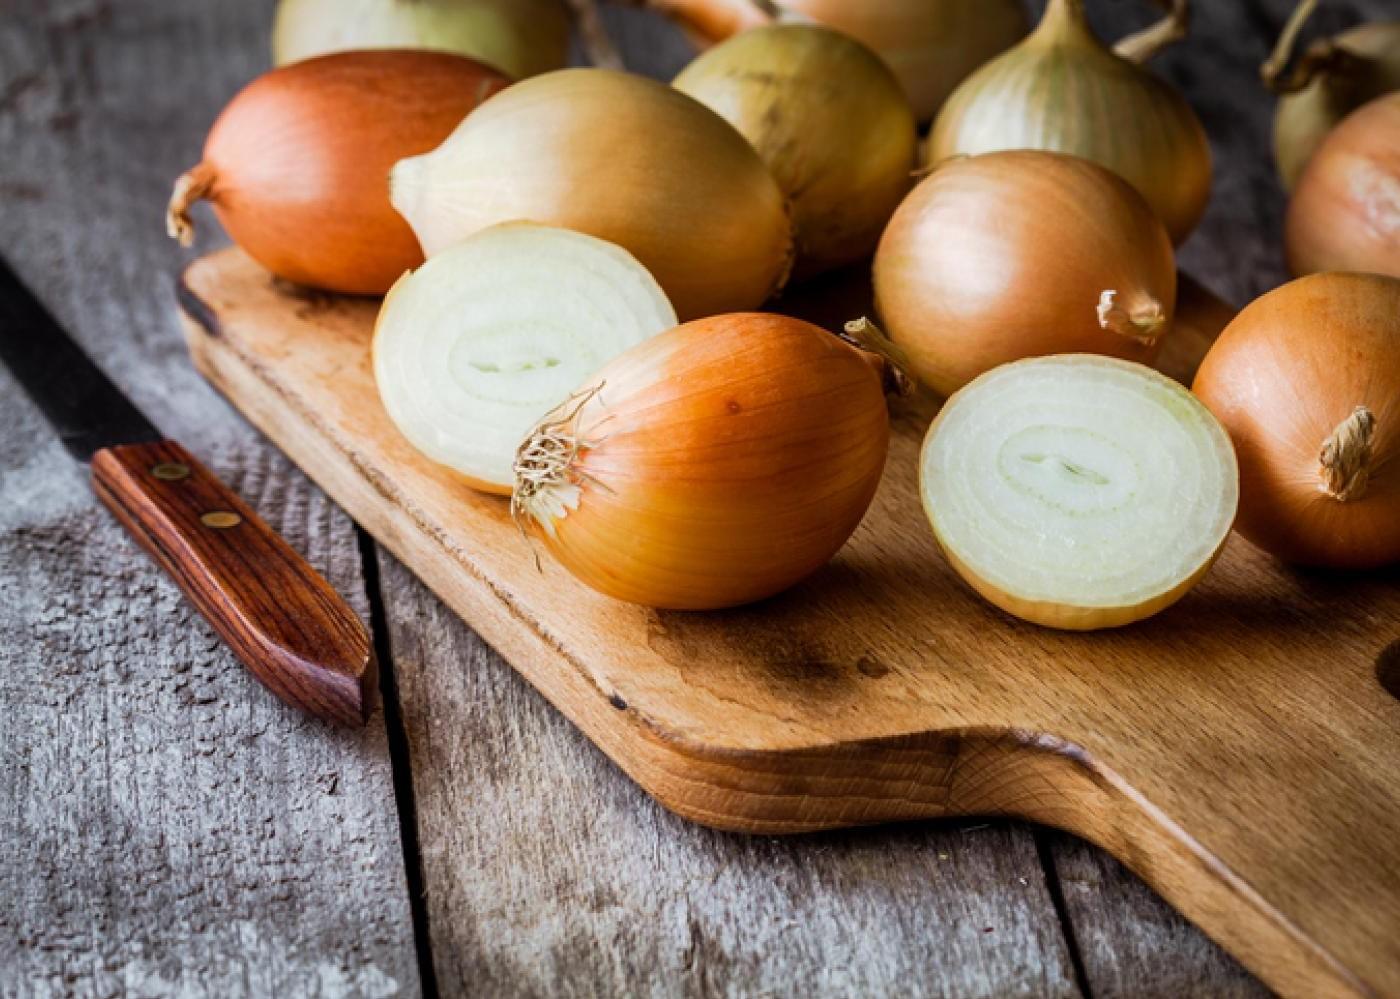 Les oignons font partie des plantes les plus savoureuses de la planète et ajoutent une saveur puissante à vos recettes. Ils sont riches en fibres, en antioxydants et en divers composés anti-inflammatoires.